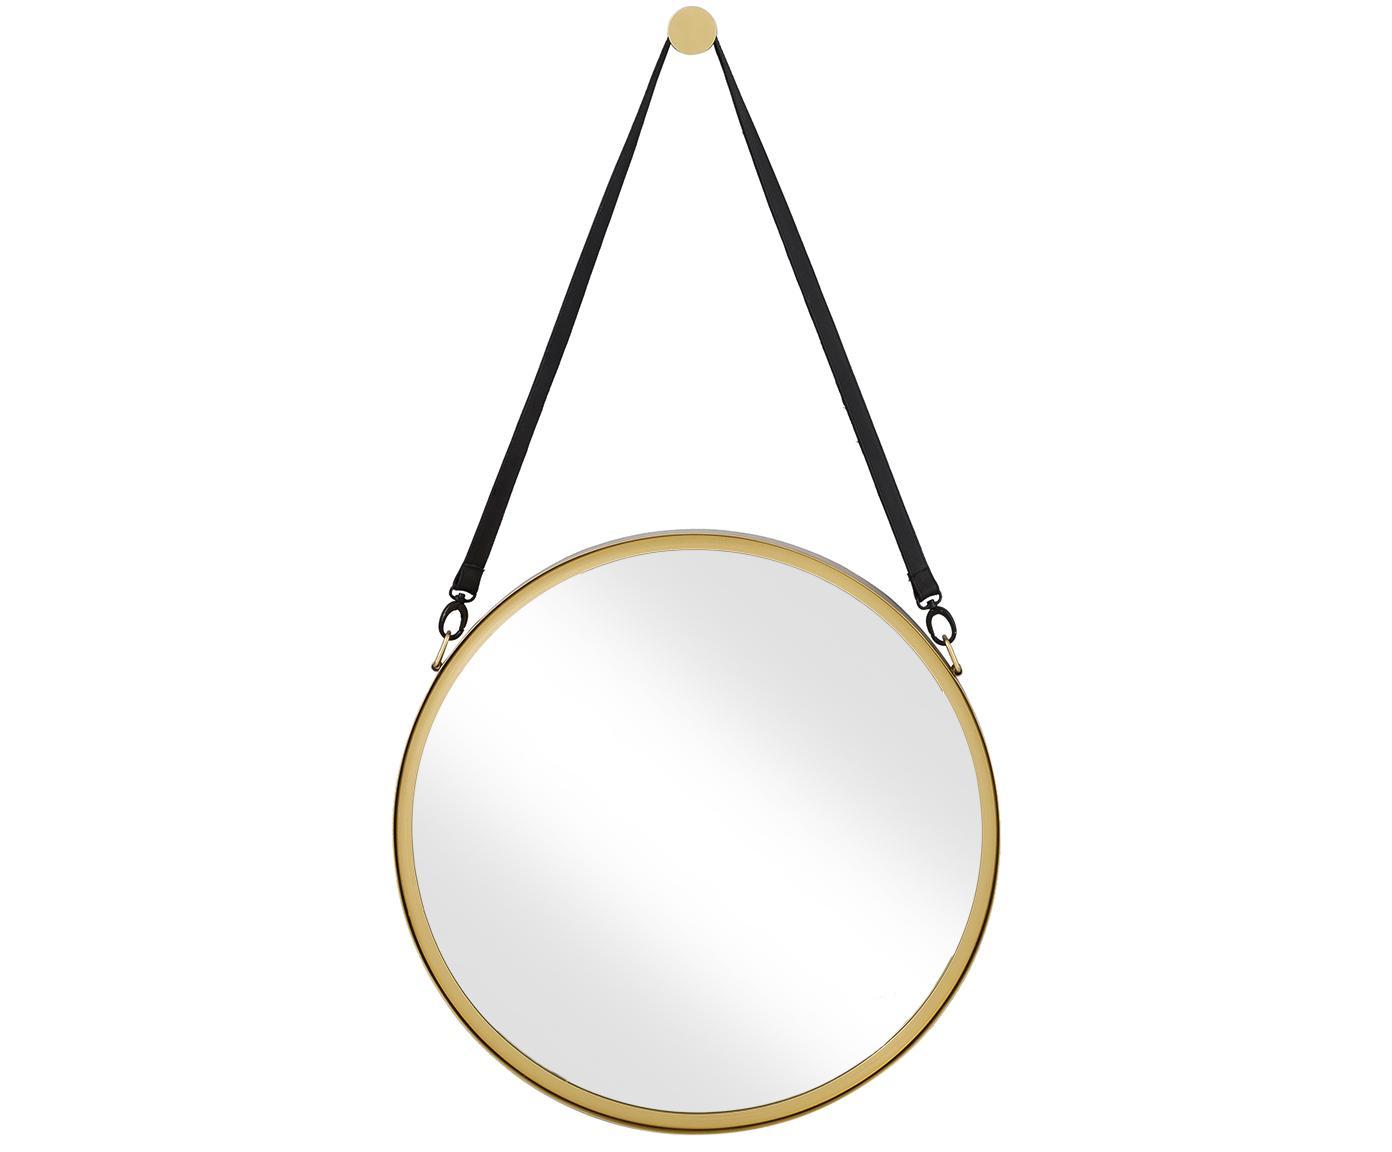 Runder Wandspiegel Liz mit schwarzer Lederschlaufe, Spiegelfläche: Spiegelglas, Rückseite: Mitteldichte Holzfaserpla, Gold, Ø 80 cm